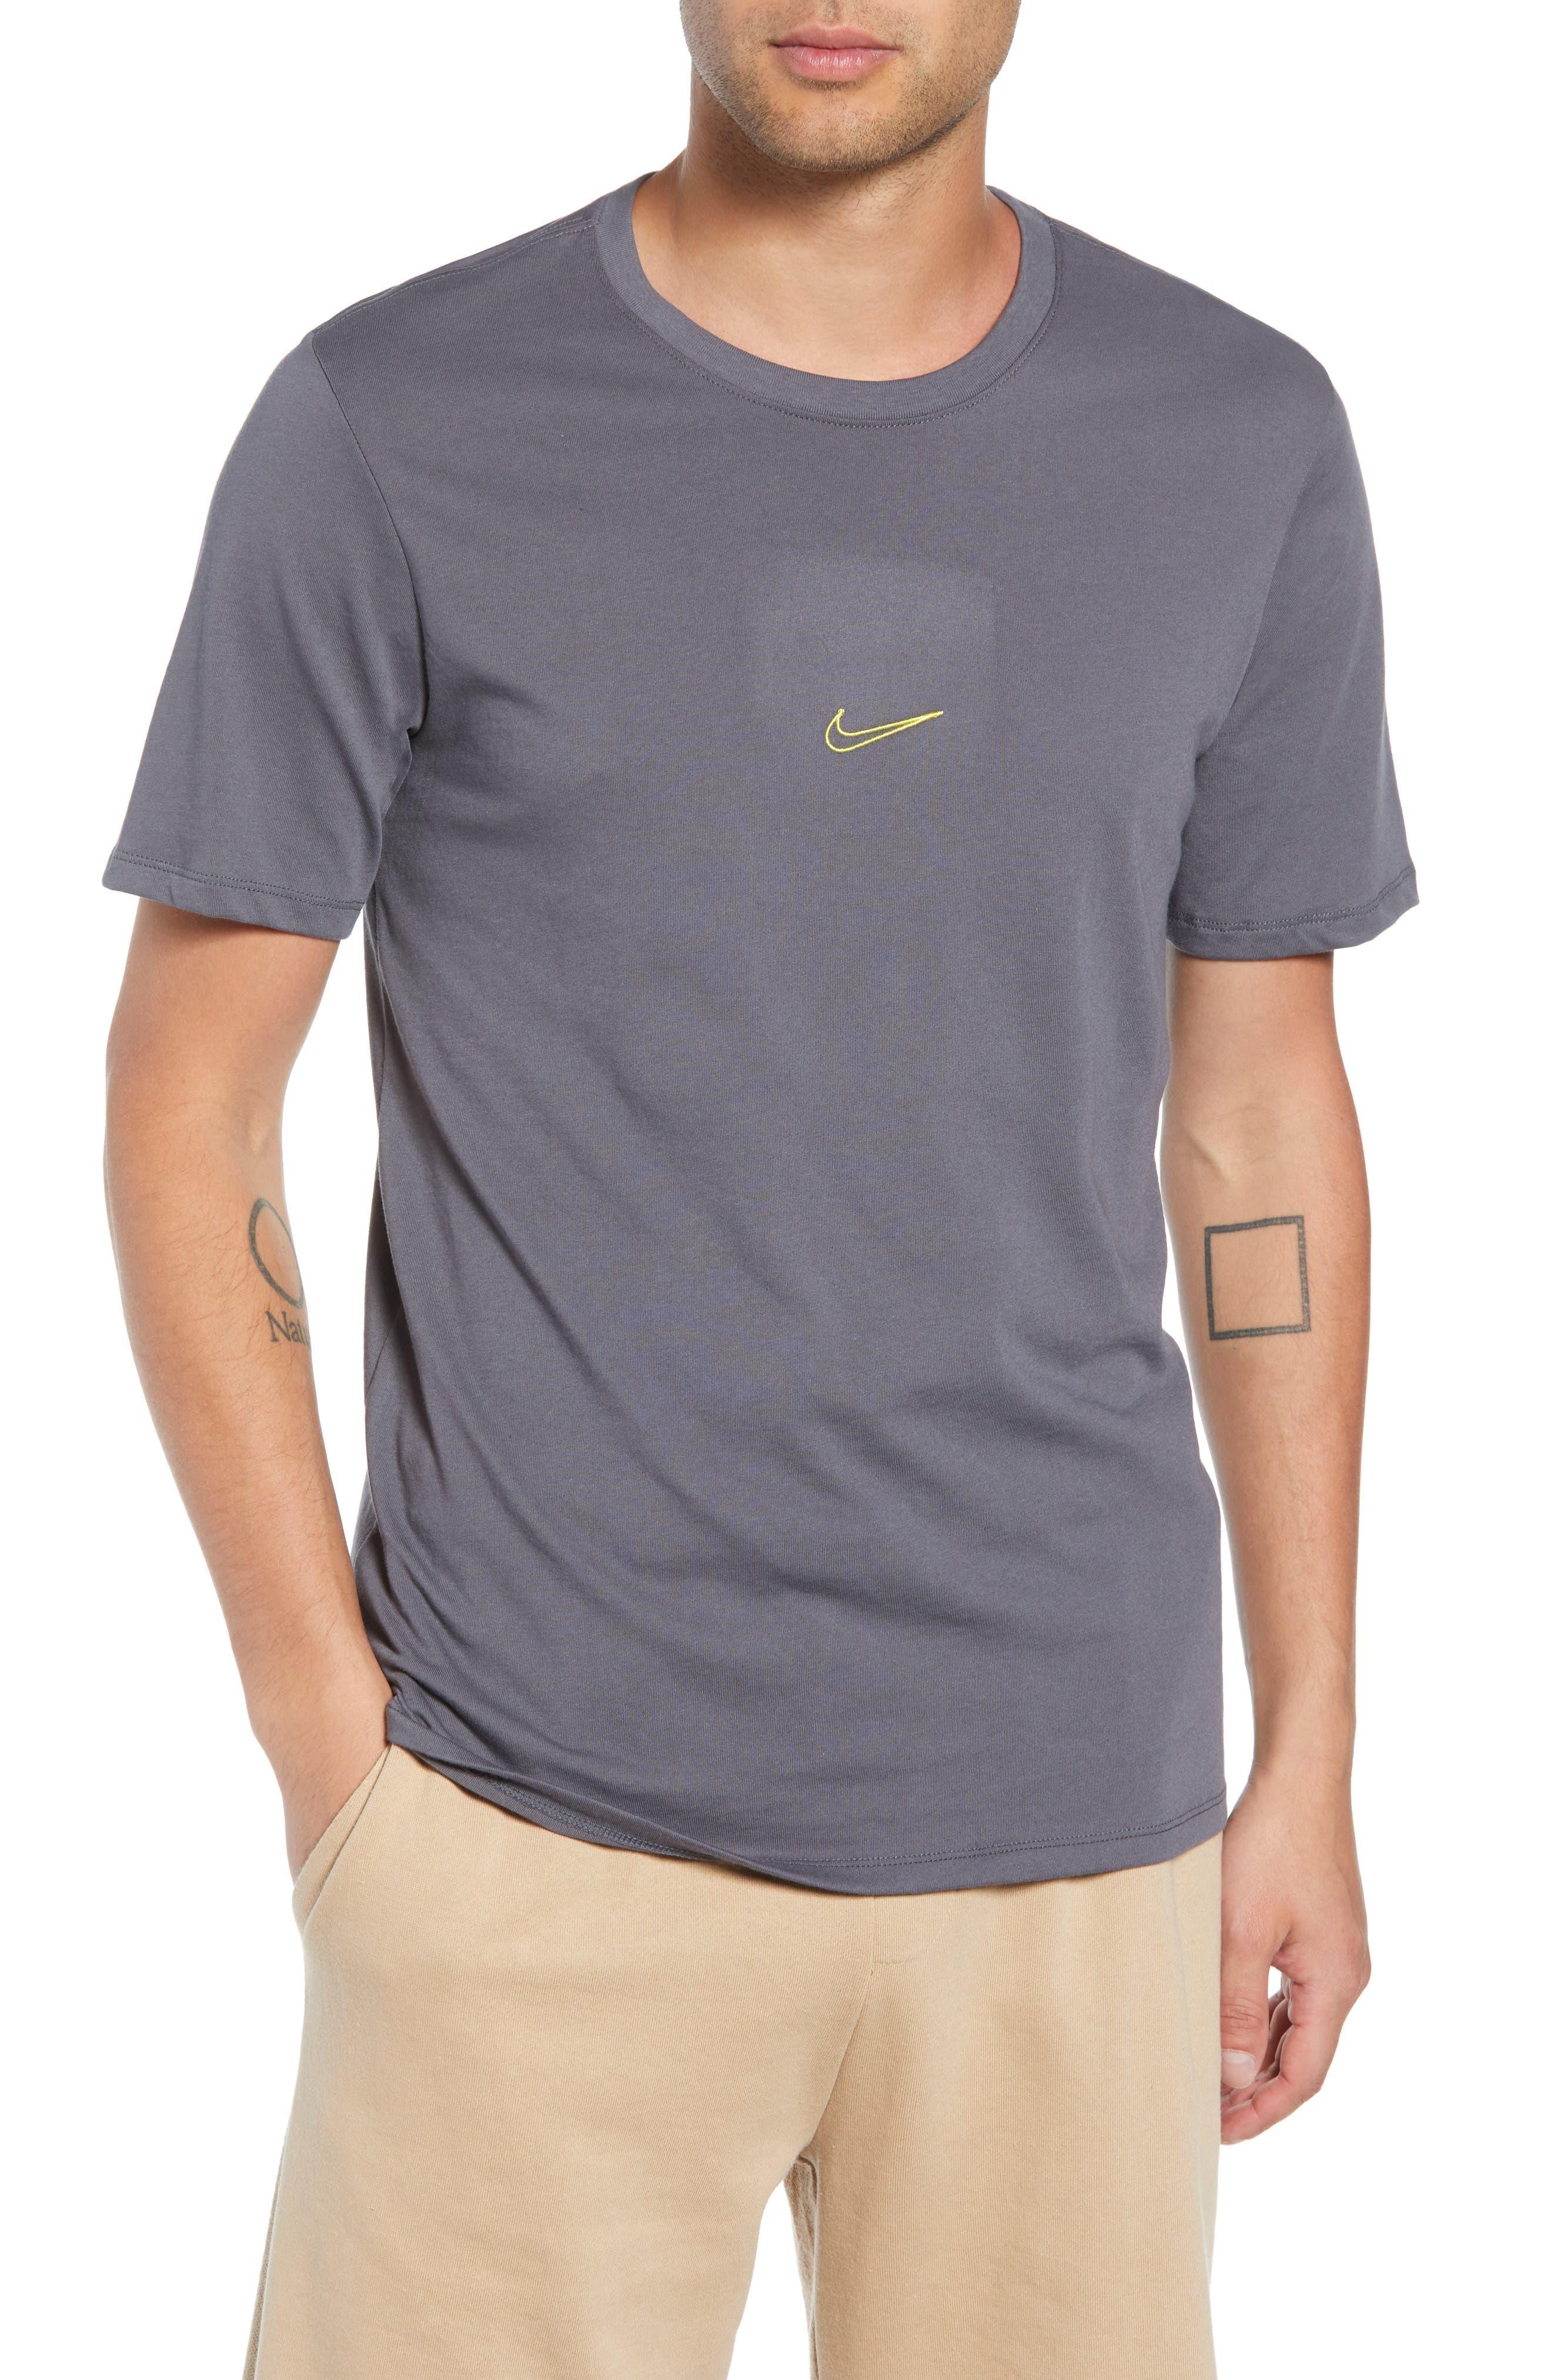 Nike Sb Dry Tropical Graphic T-Shirt, Grey